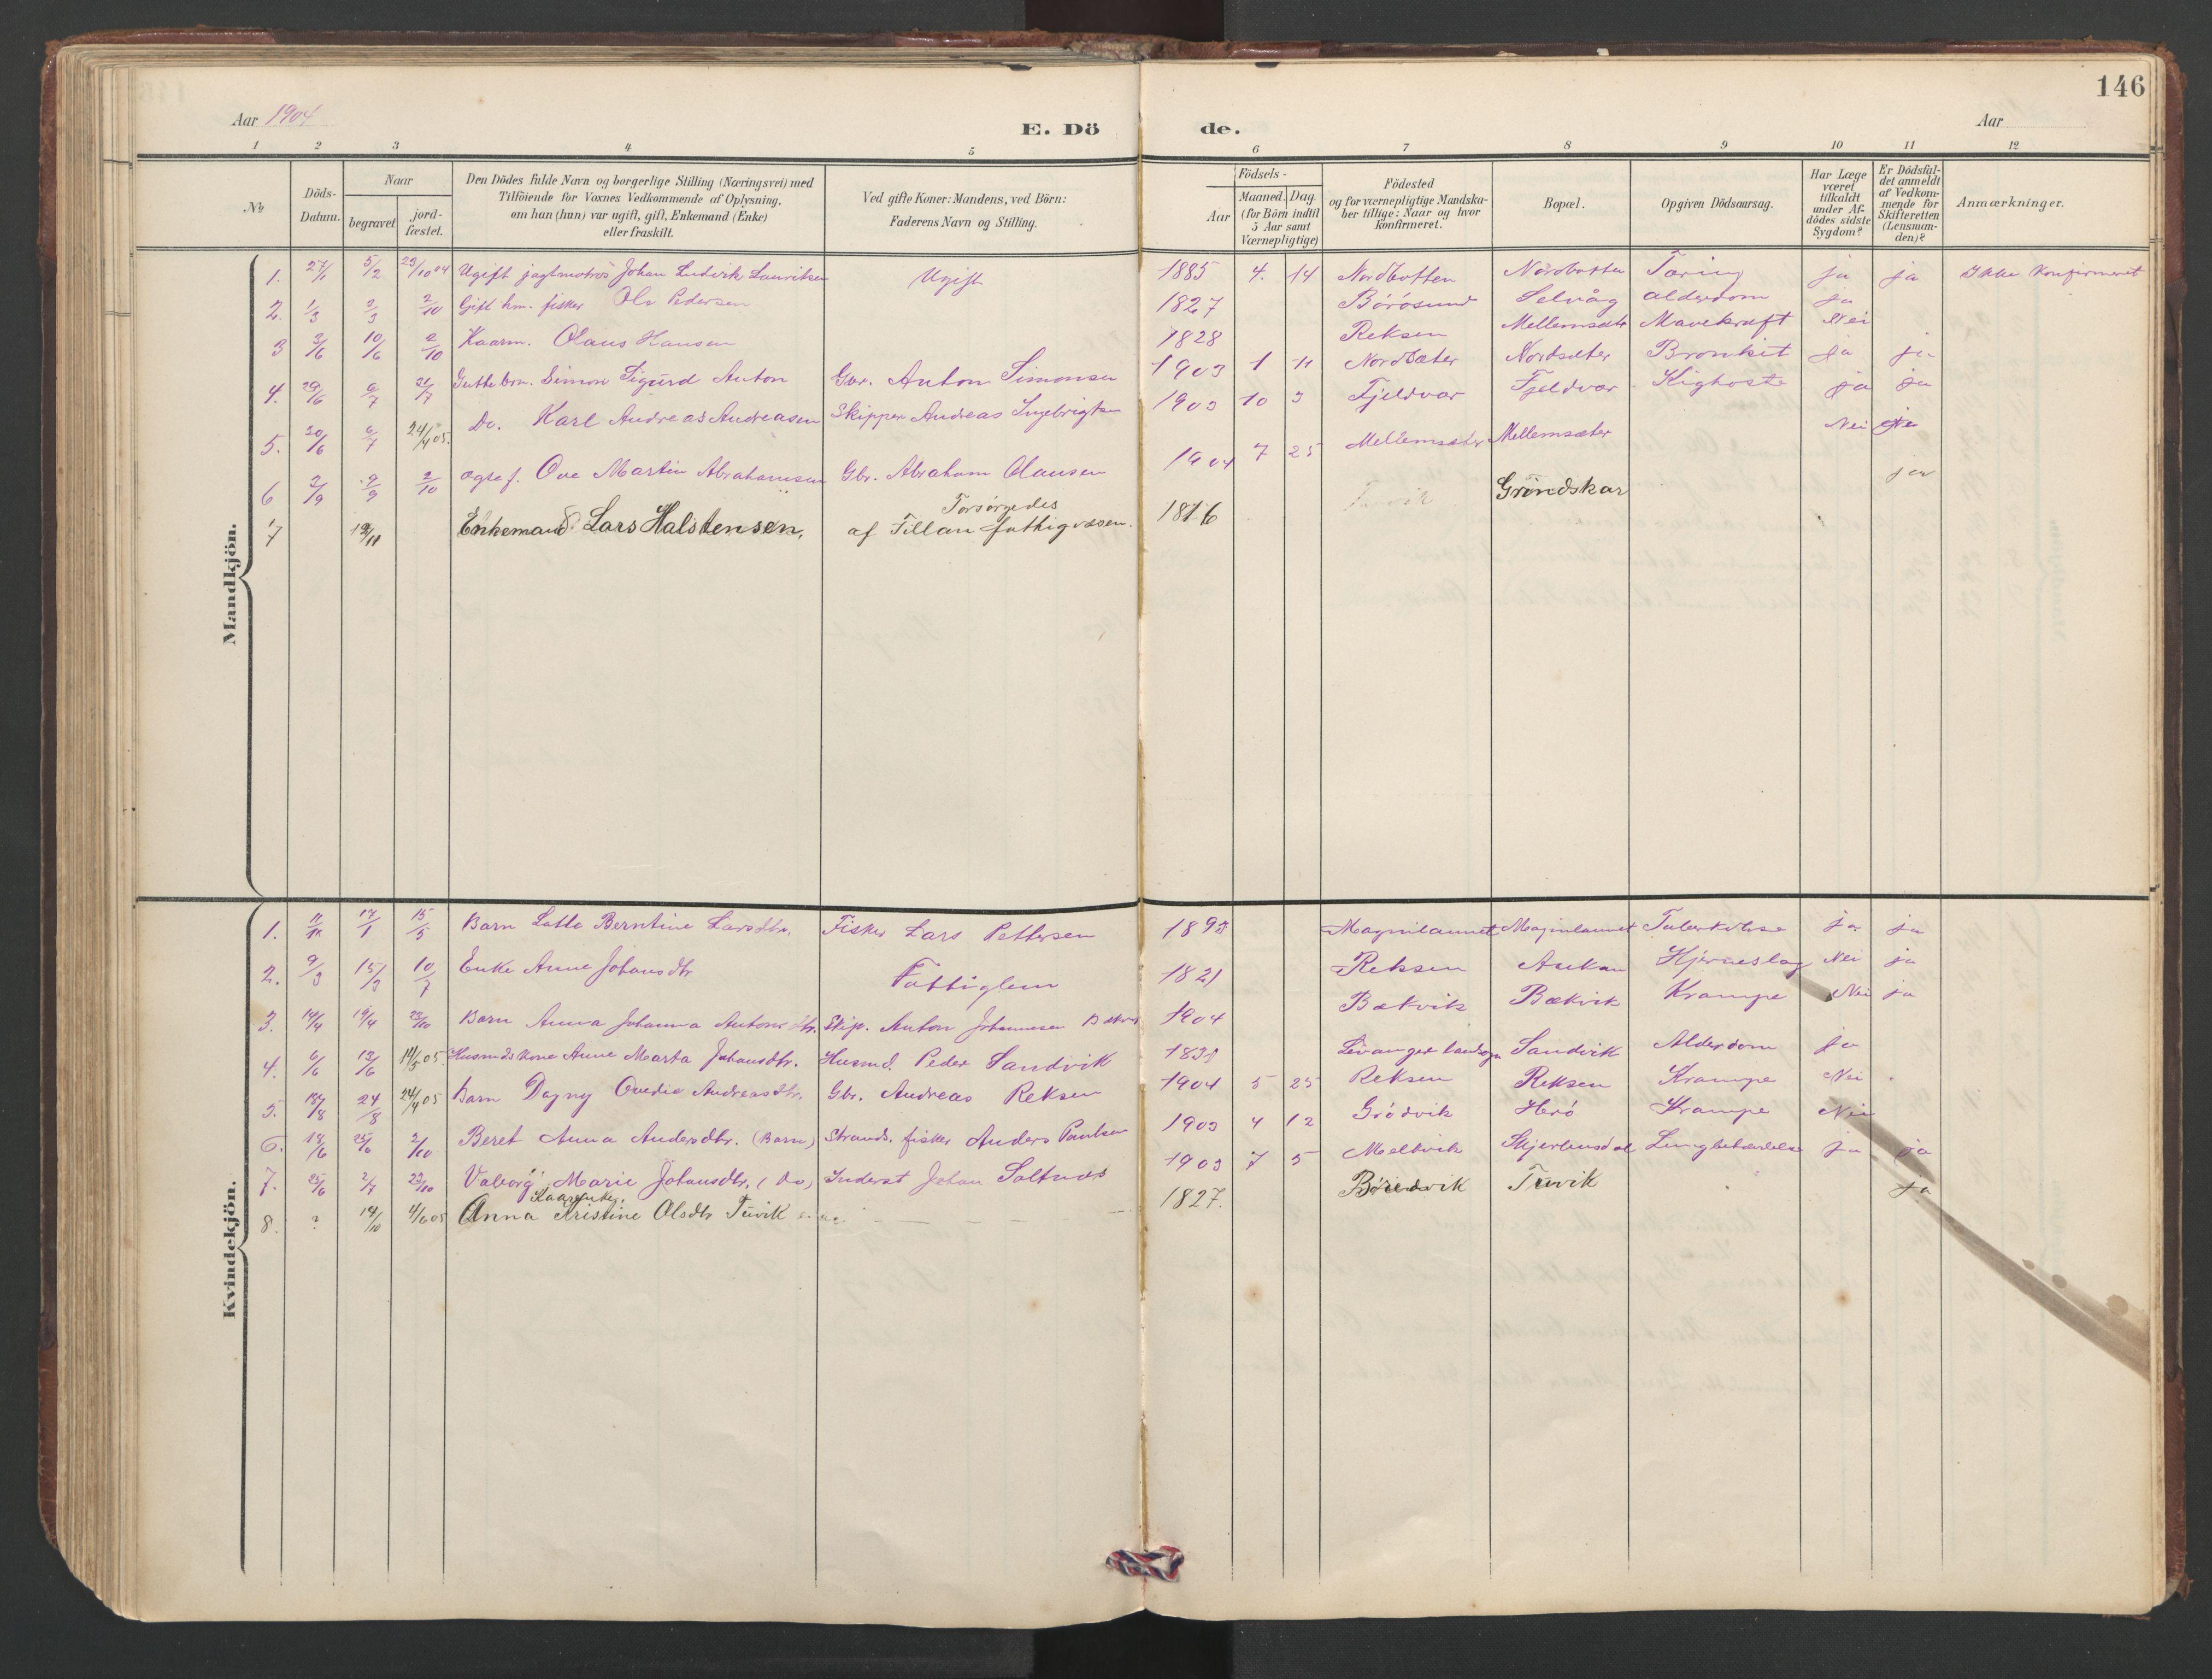 SAT, Ministerialprotokoller, klokkerbøker og fødselsregistre - Sør-Trøndelag, 638/L0571: Klokkerbok nr. 638C03, 1901-1930, s. 146